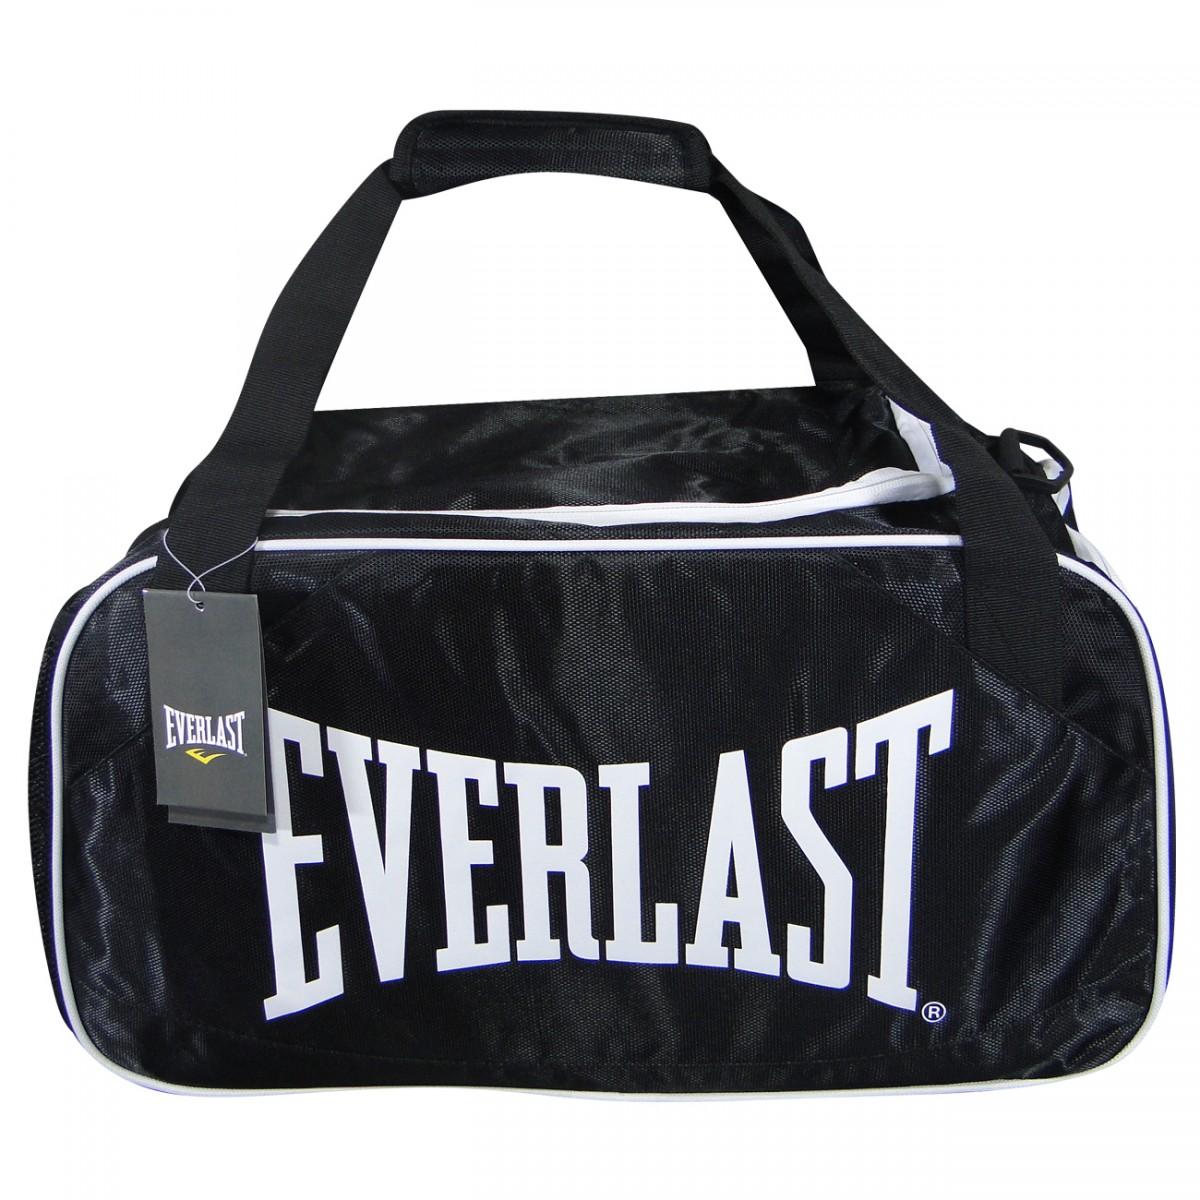 c91527f0a Bolsa Everlast 34911005 34911005A - Preto/Branco - Chuteira Nike, Adidas.  Sandalias Femininas. Sandy Calçados